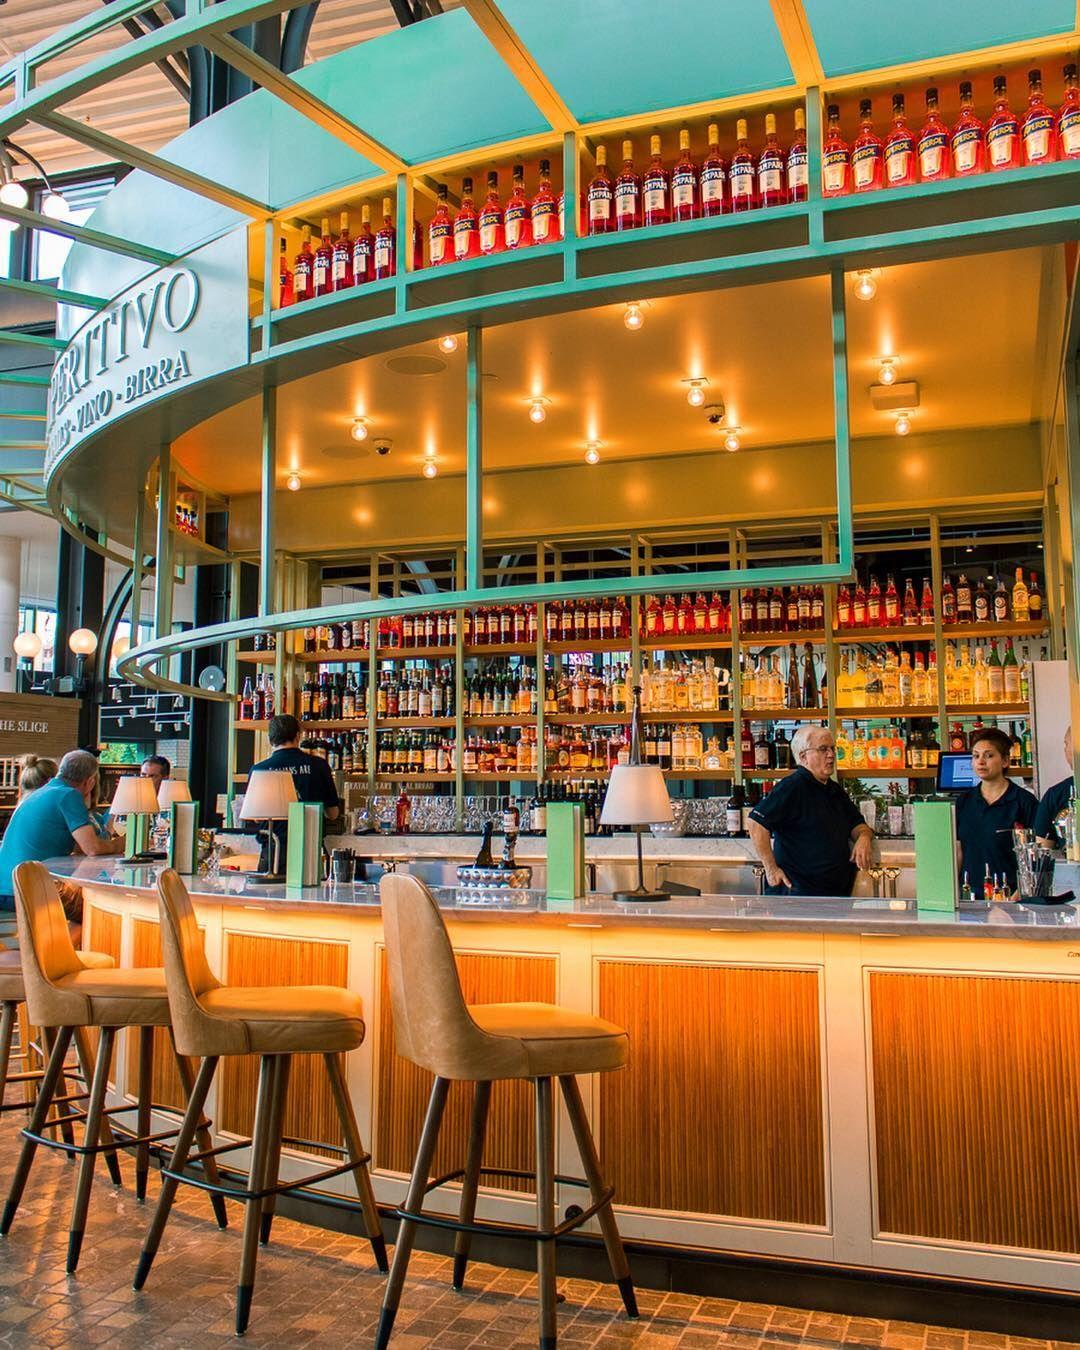 Restaurant For Sale Las Vegas : restaurant, vegas, Vegas, Restaurants, Strip, Cheap, Eataly, Vegas., Restaurants,, Tips,